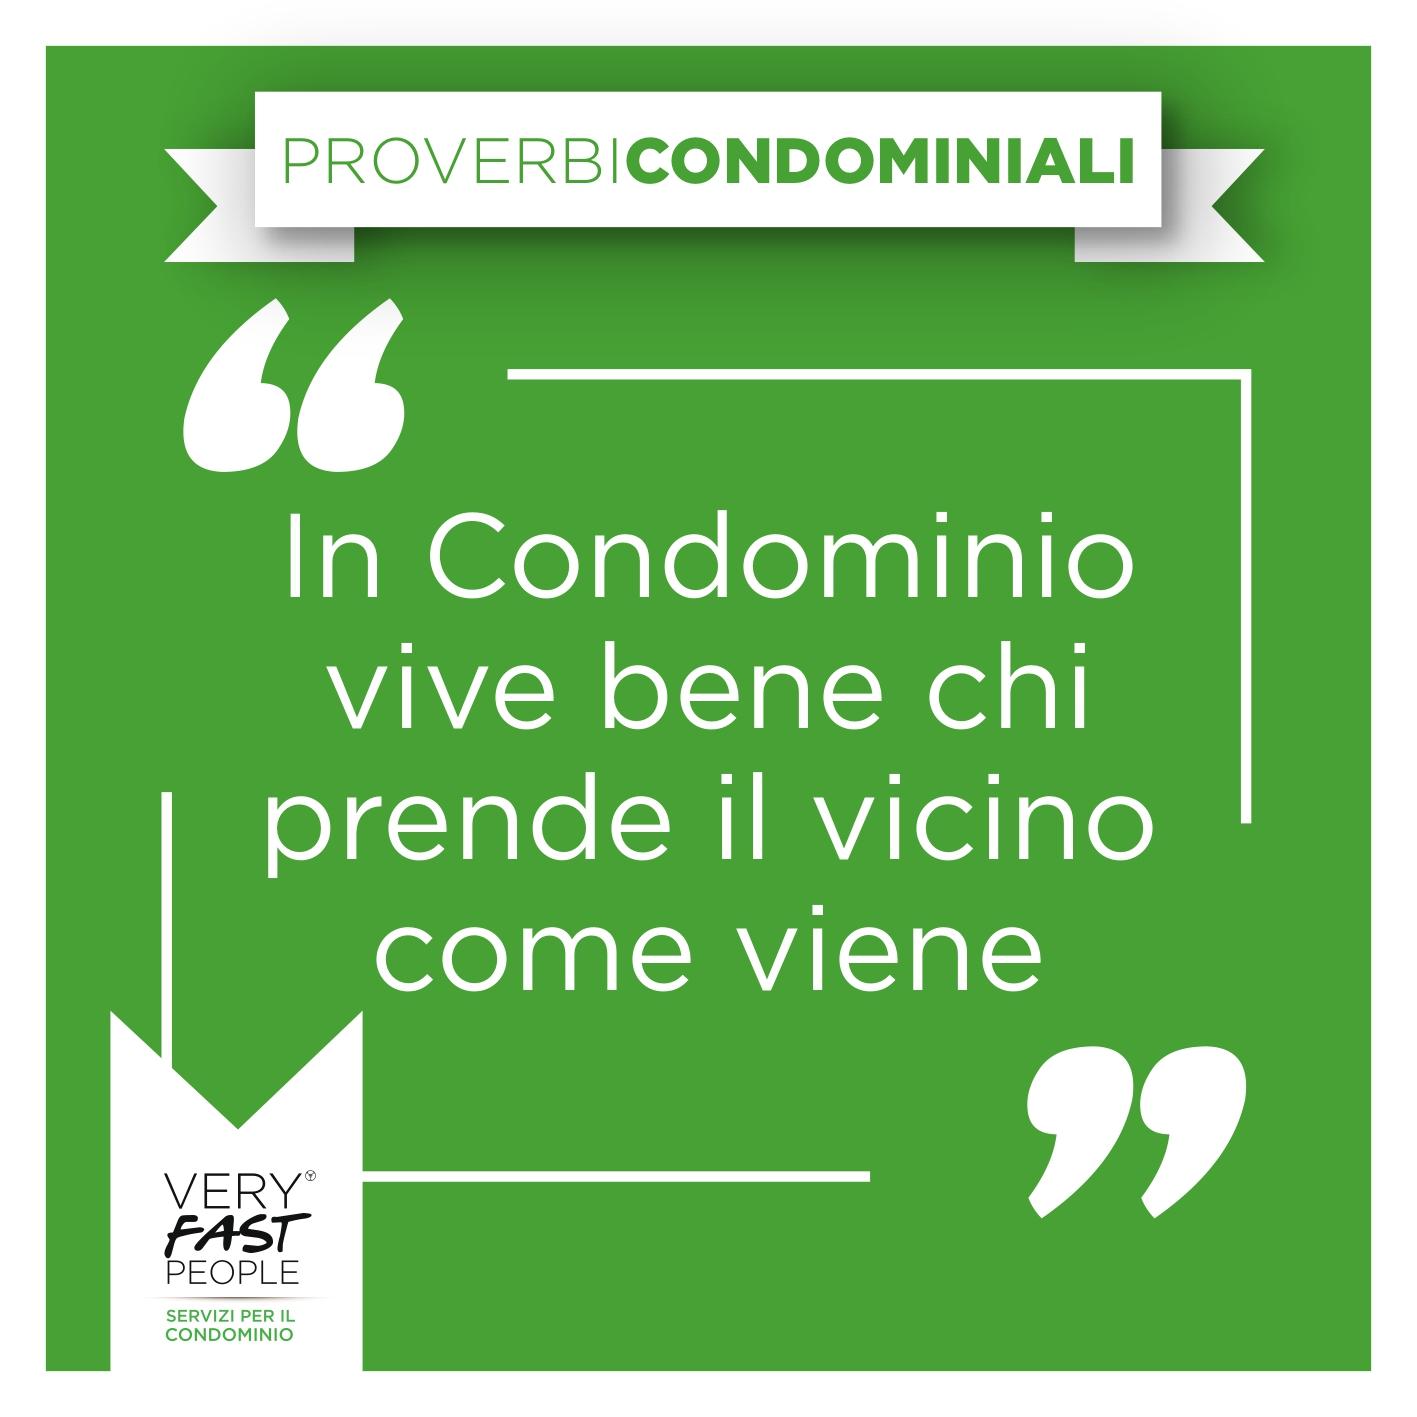 Proverbi vicino di casa